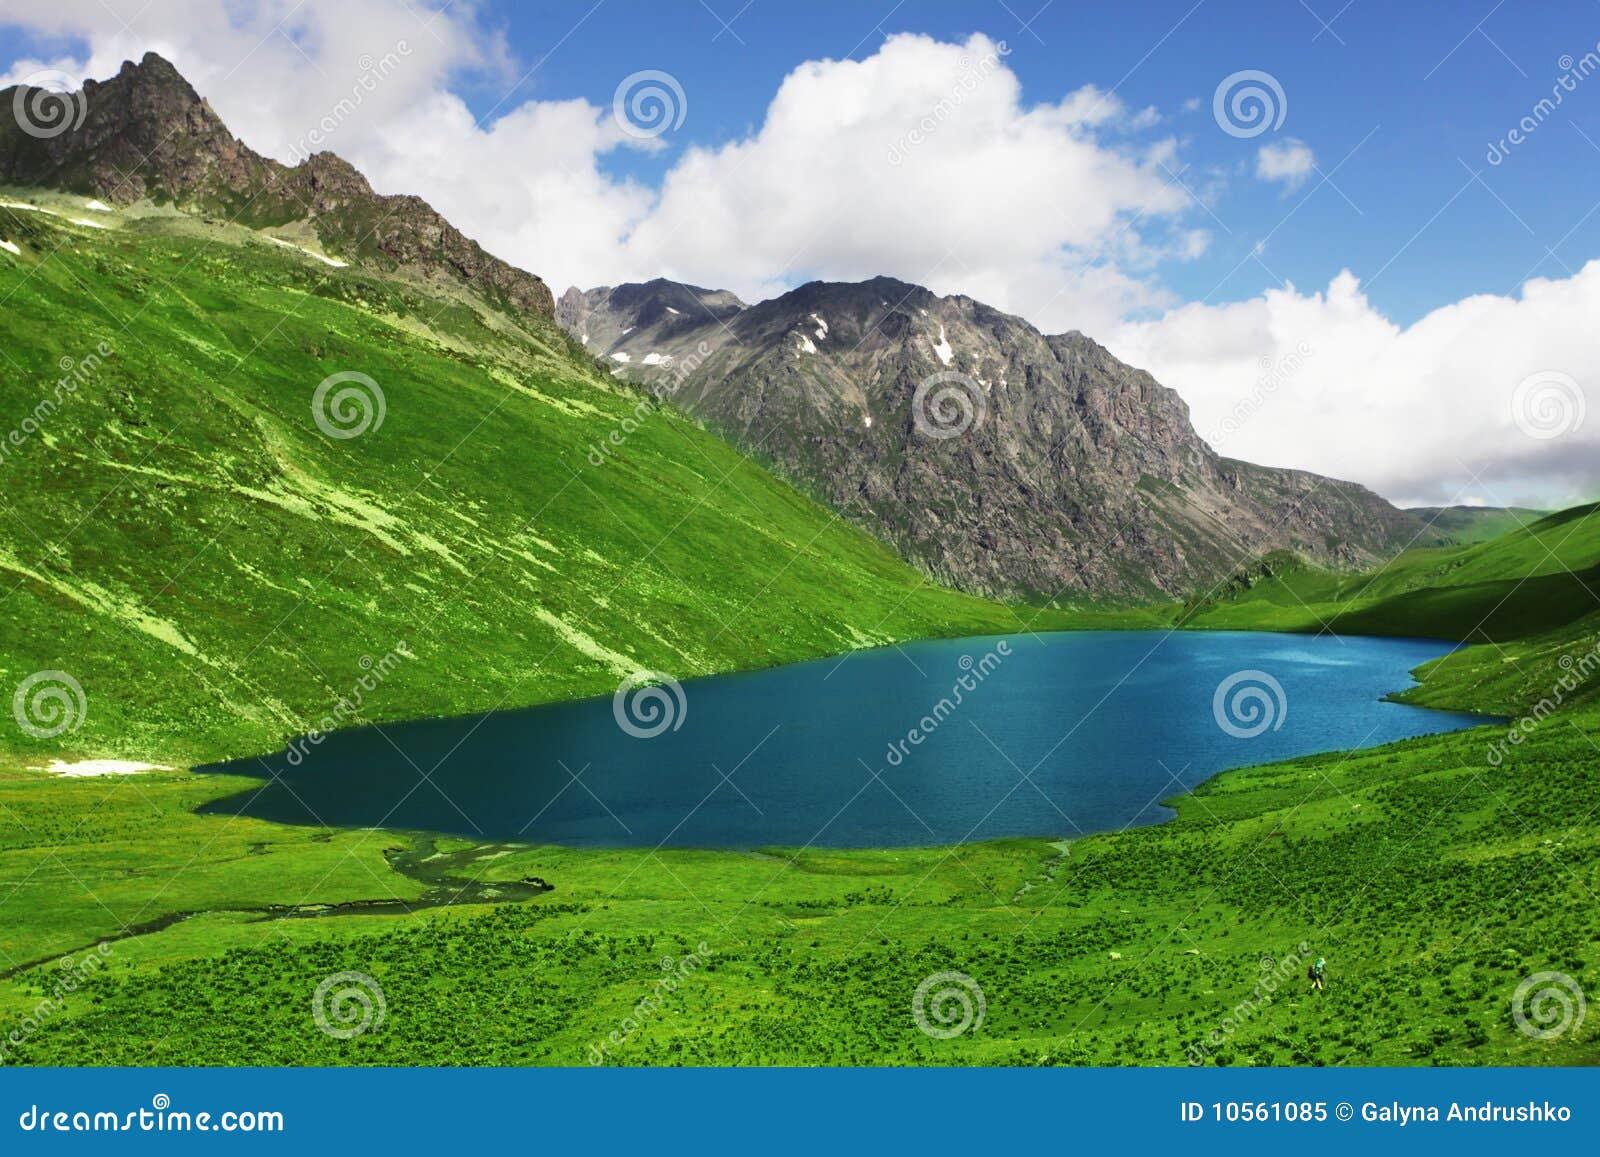 Lago mountain